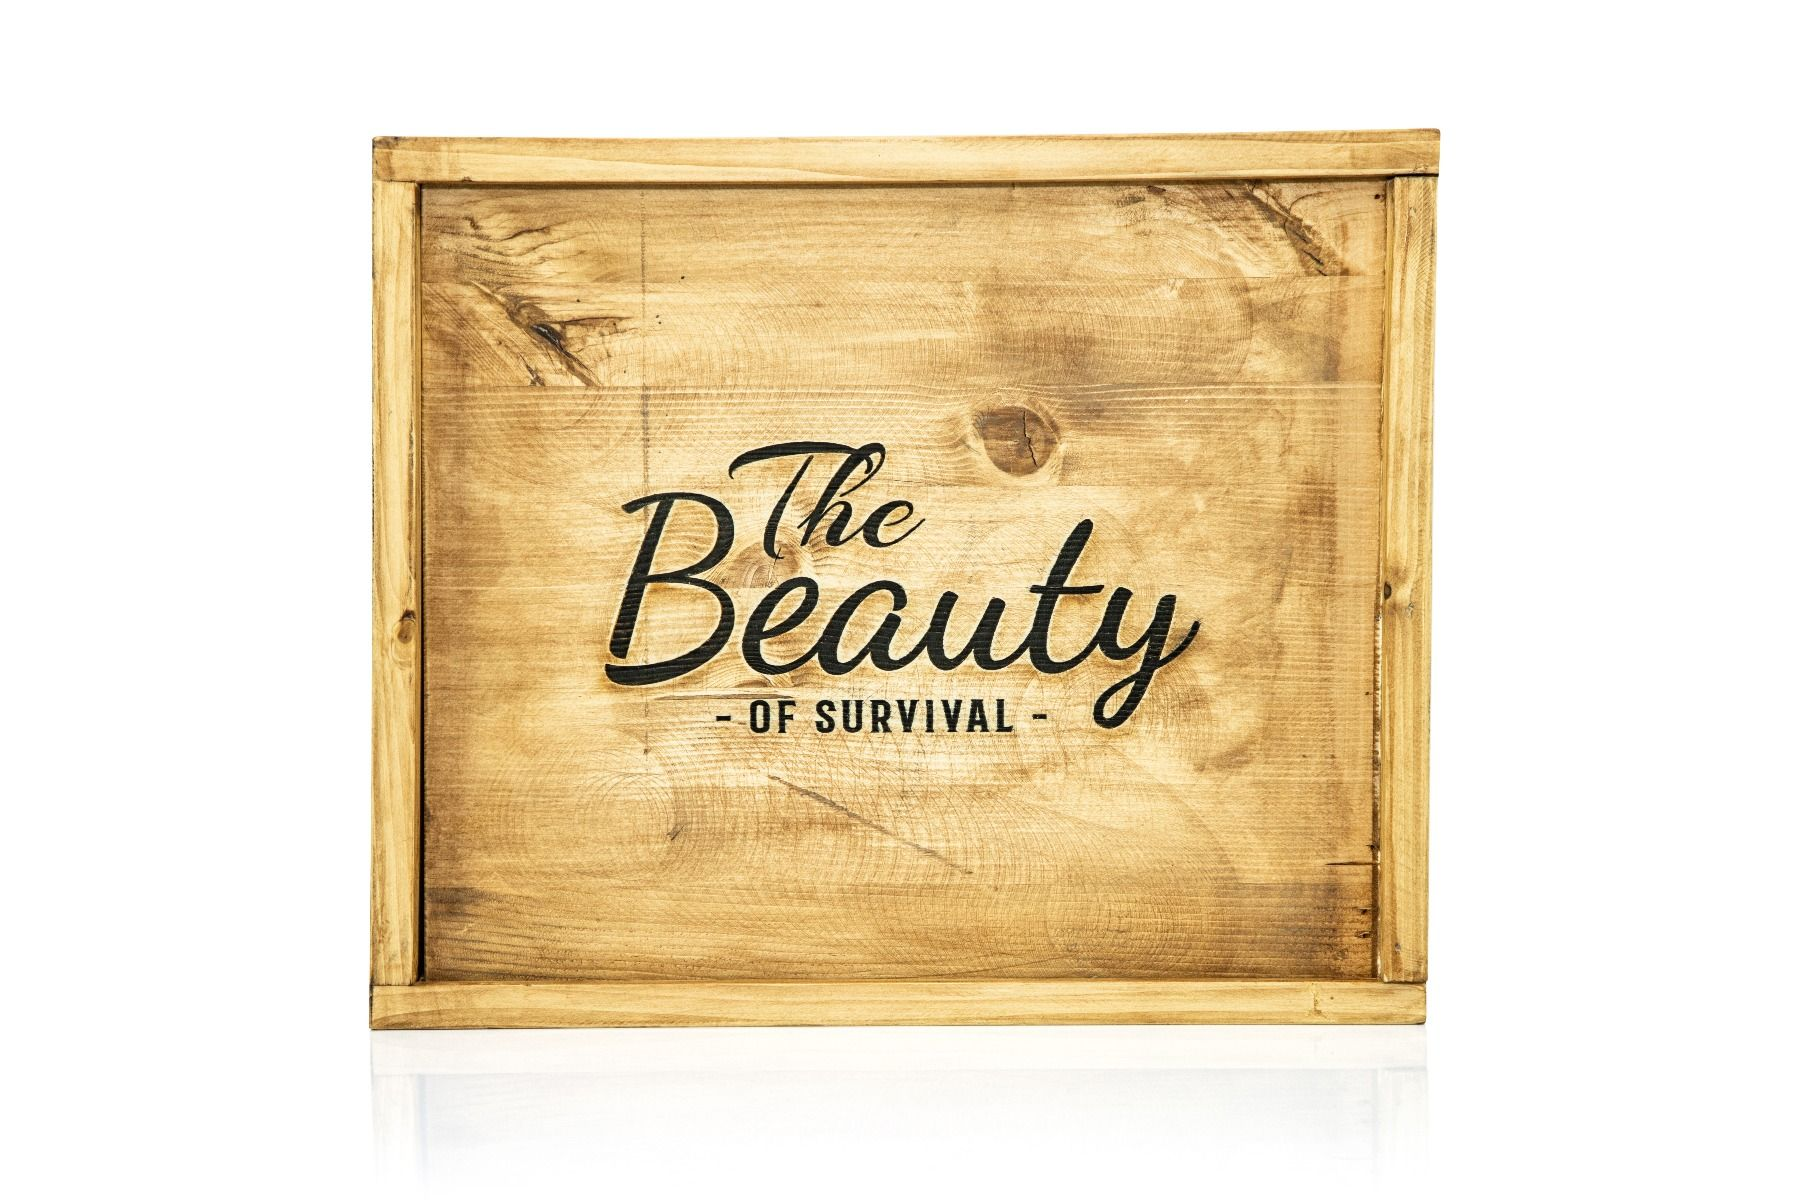 Găng tay Fairtex BGV24 The Beauty Of Survival - Limited Edition